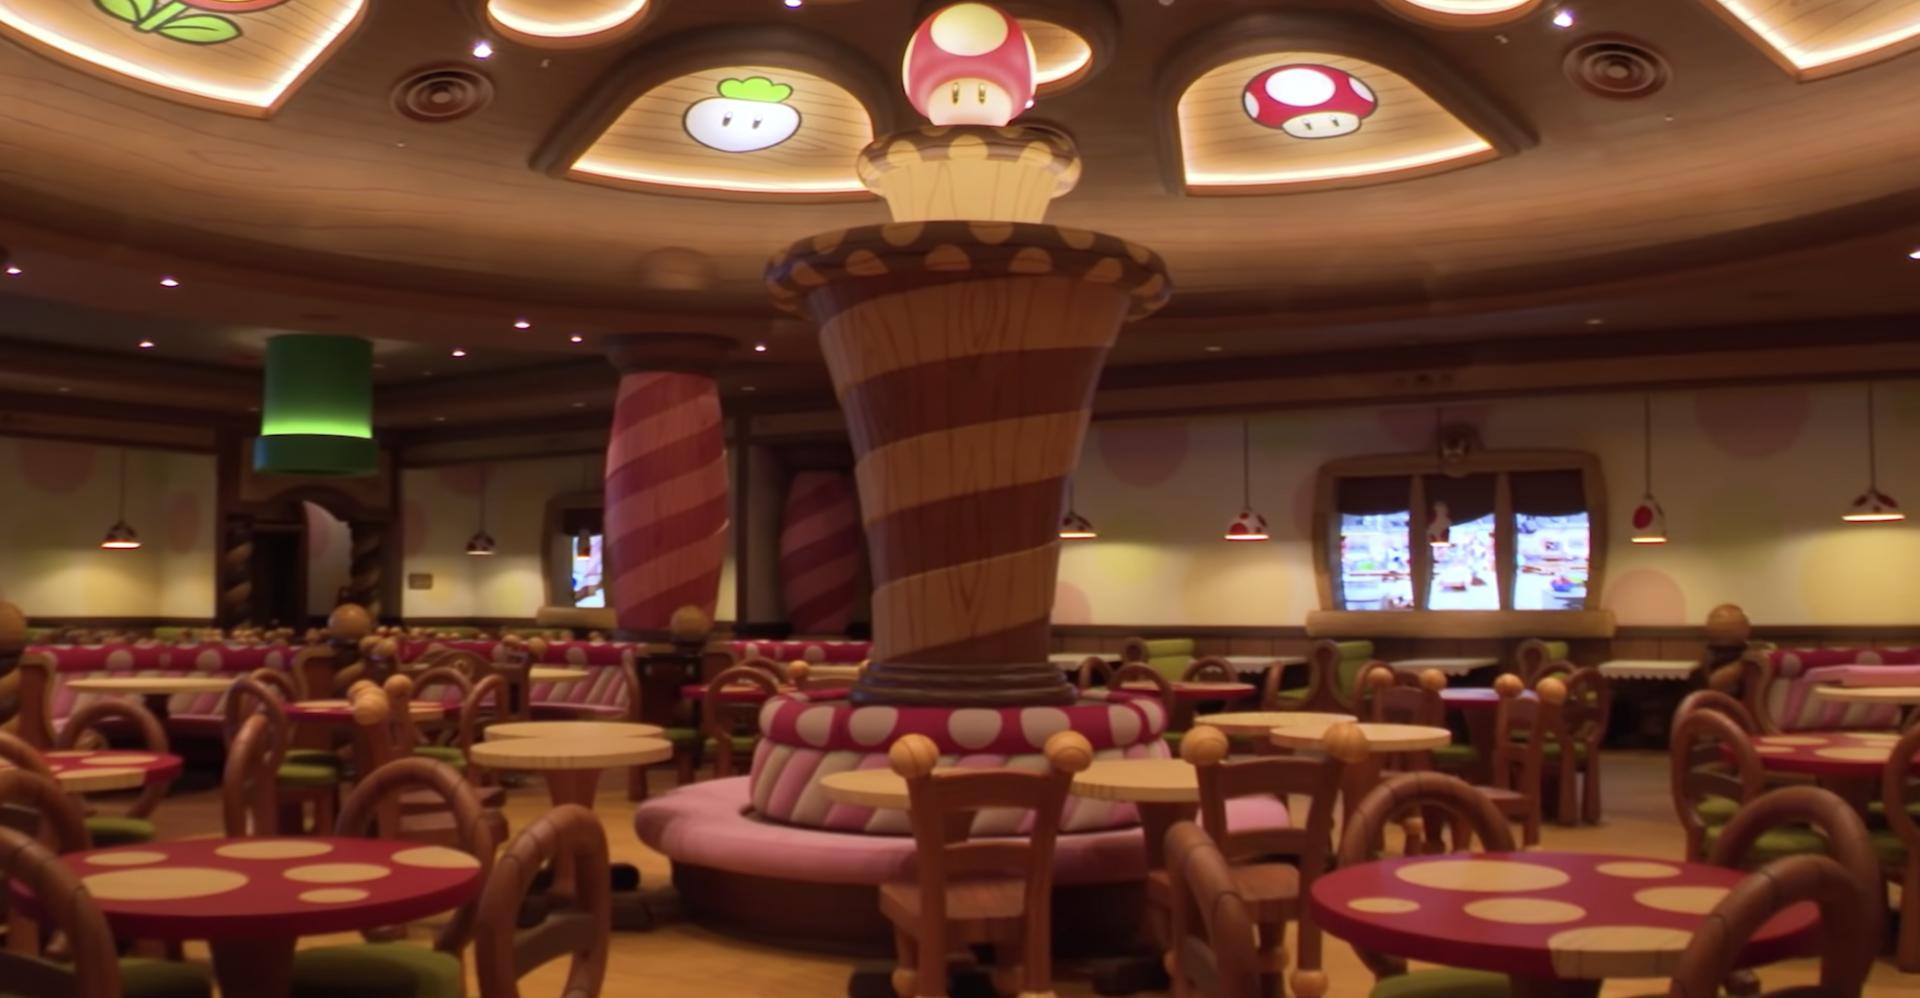 Voici le Kinopio's Cafe qui se trouve dans le Super Nintendo World